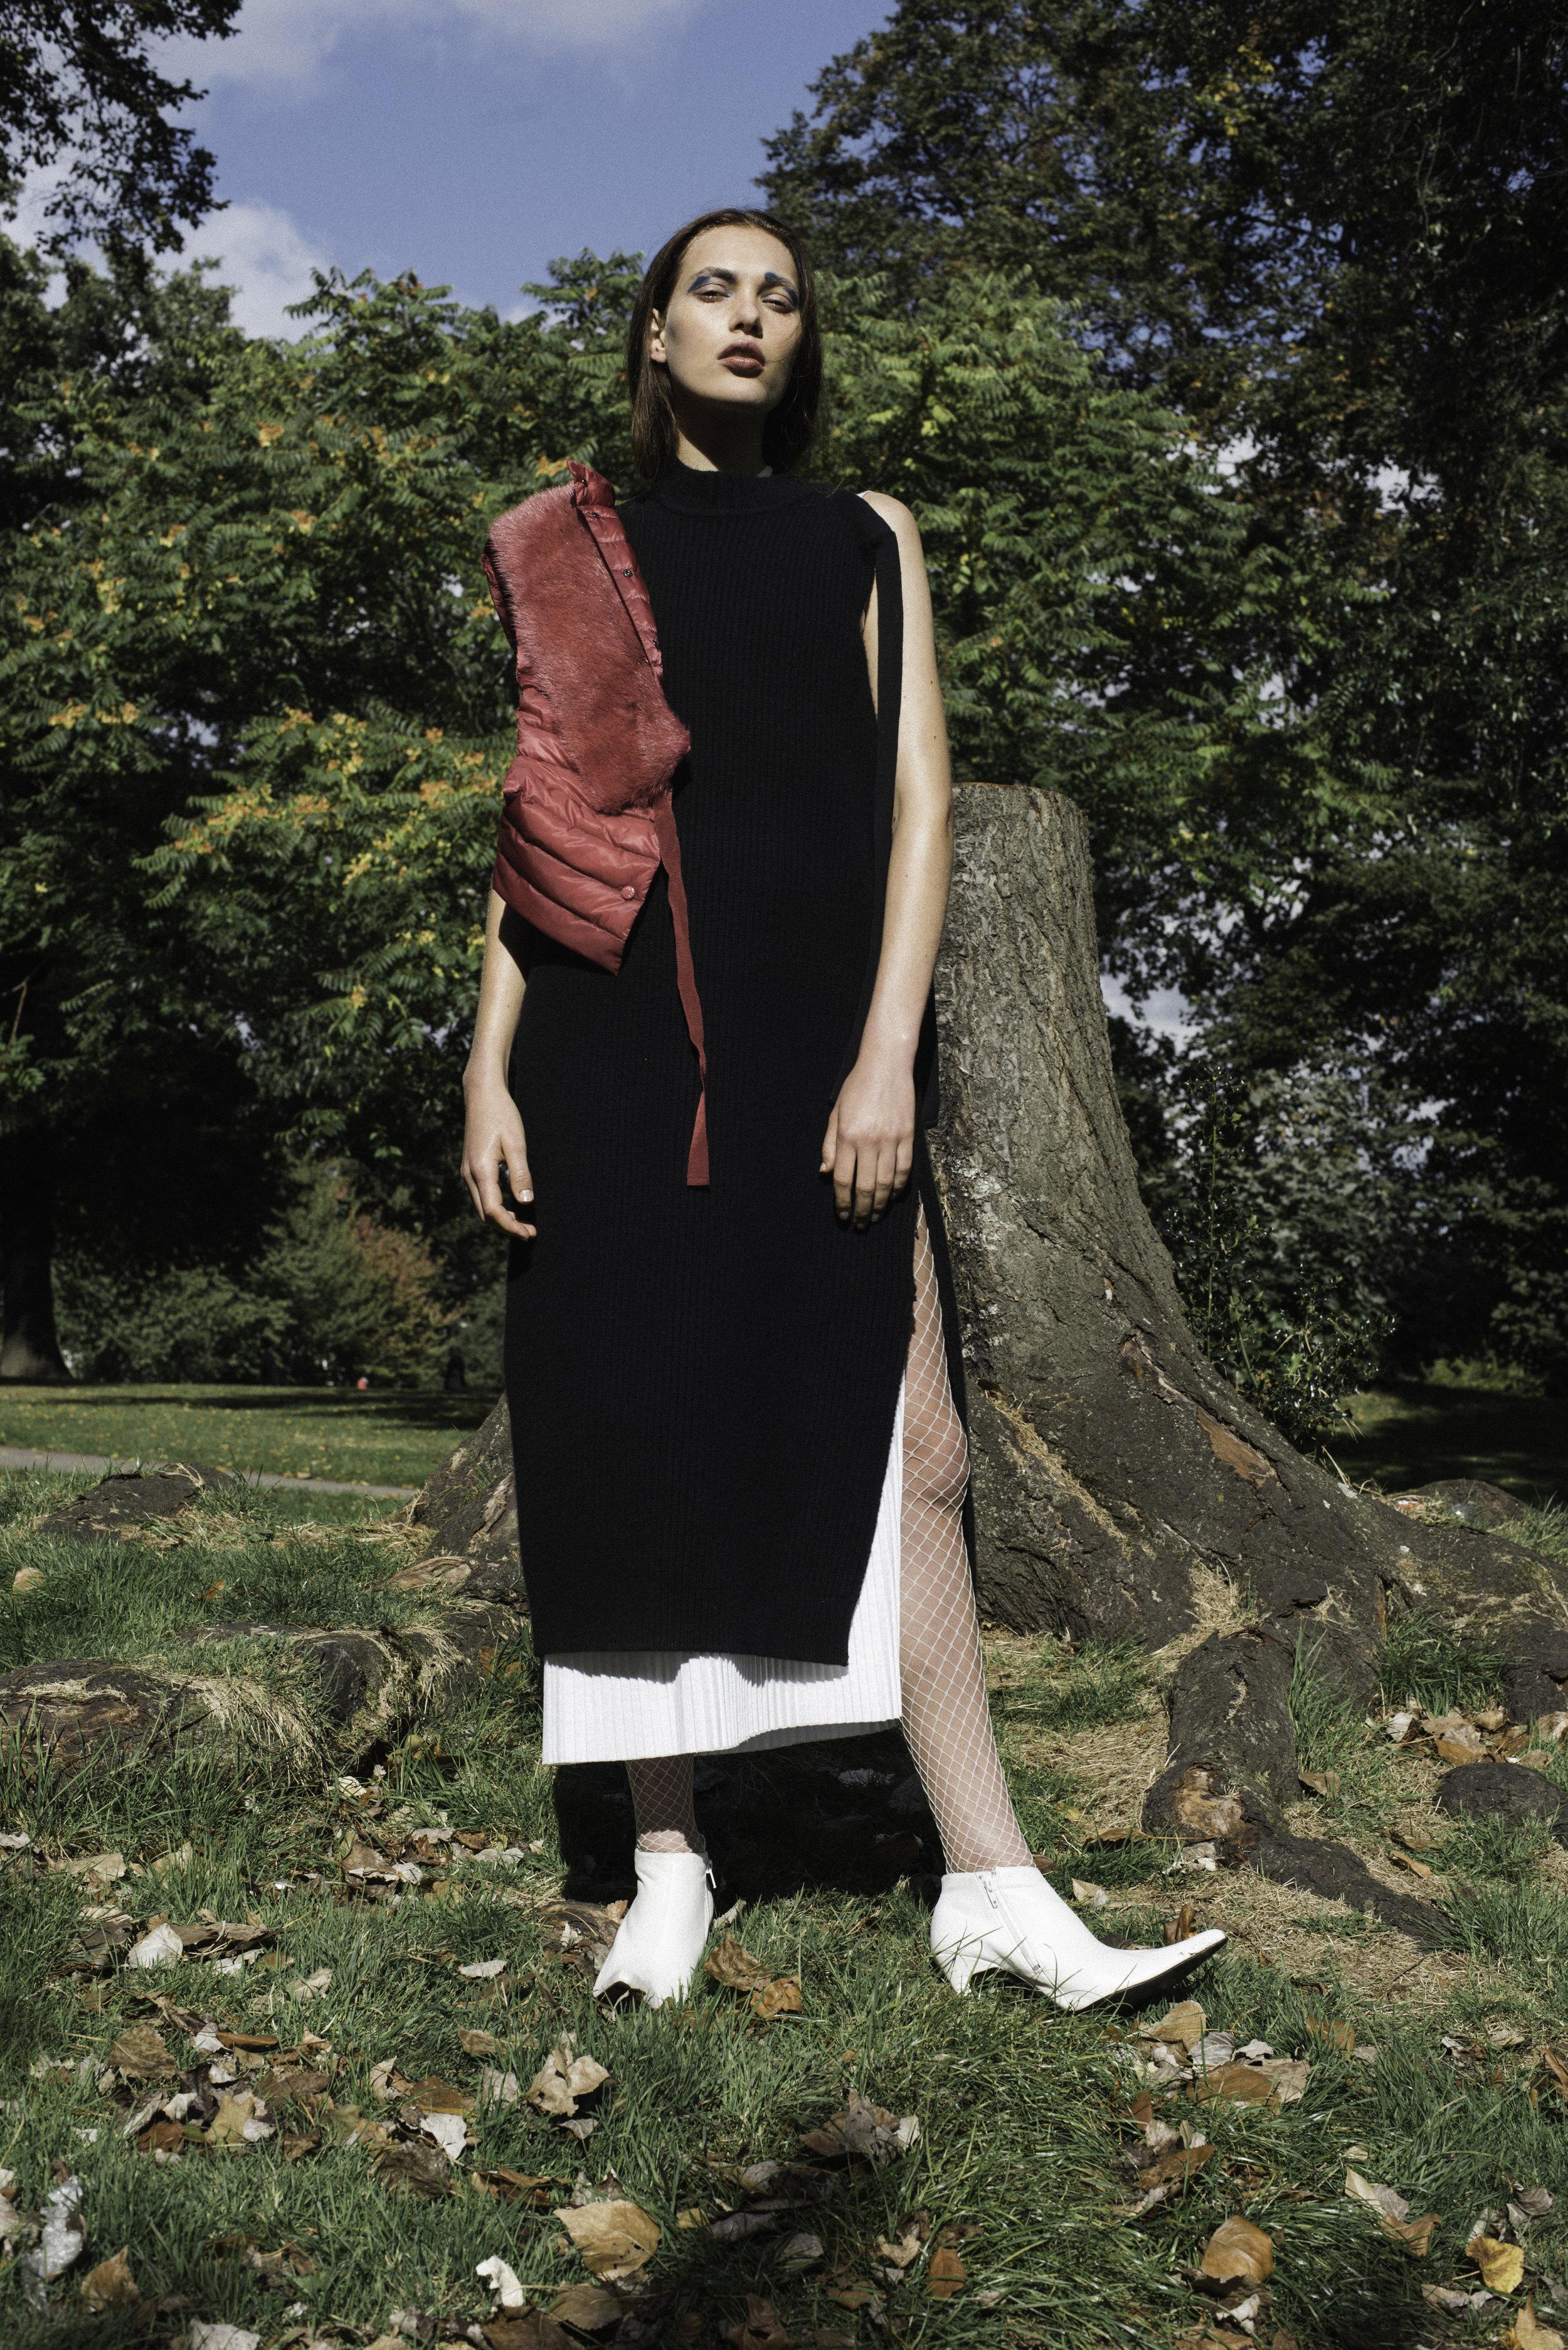 vest  MONCLER , knit dress  PHOEBE ENGLISH xJOHN SMEDLEY, dress YULIA KONDRANINA,shoes  FAUSTINE STEINMETZ